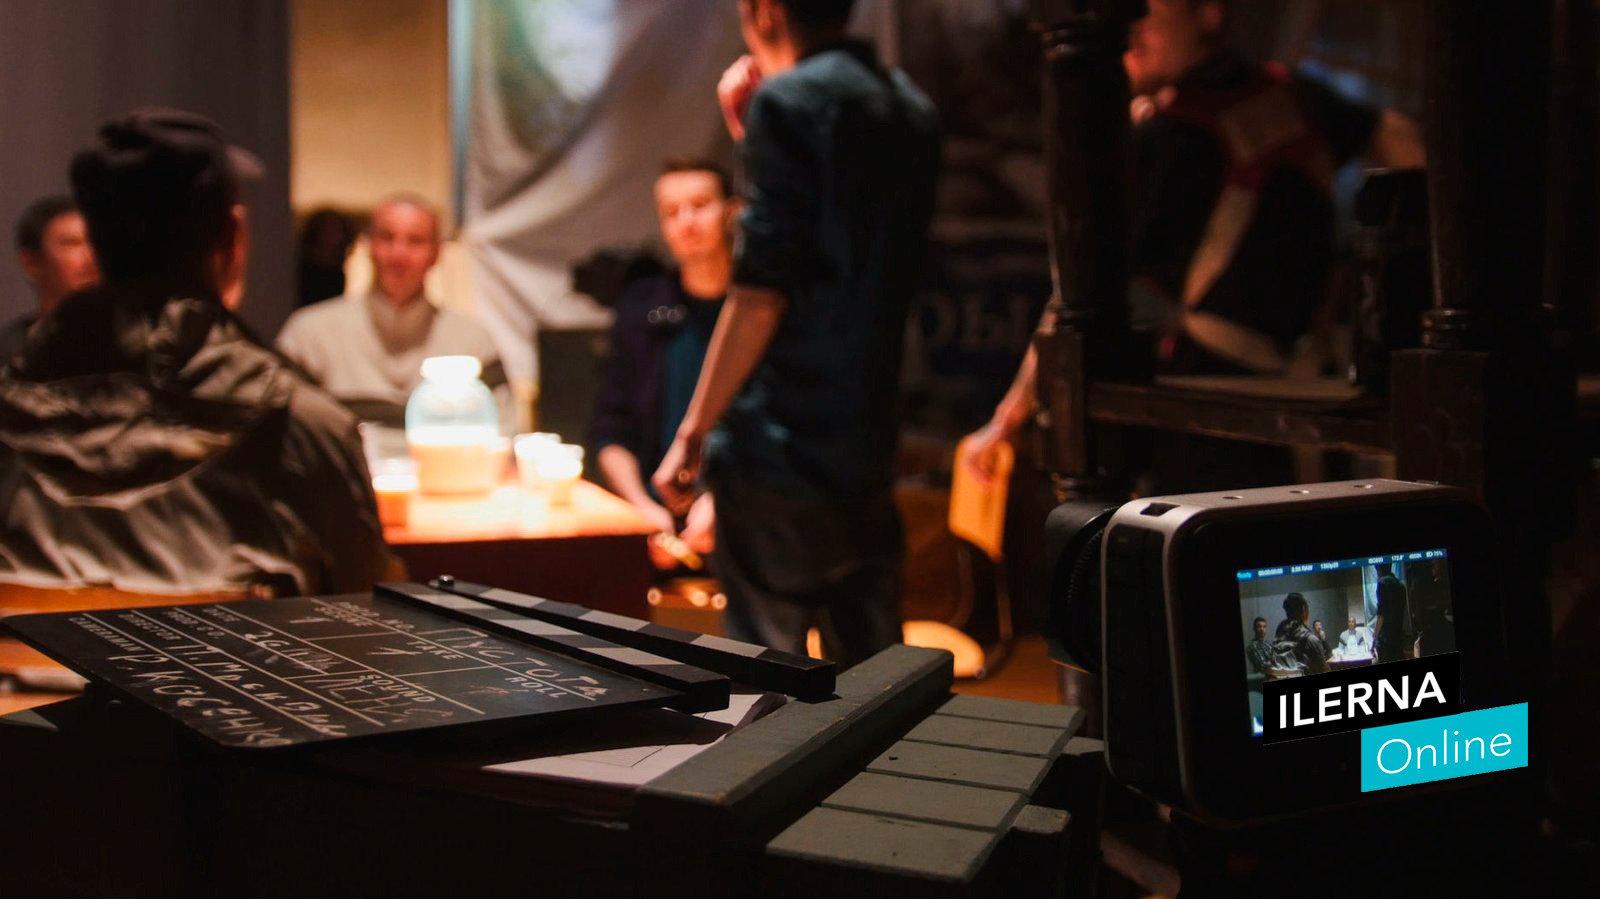 Técnico Superior en Realización de Proyectos Audiovisuales y Espectáculos